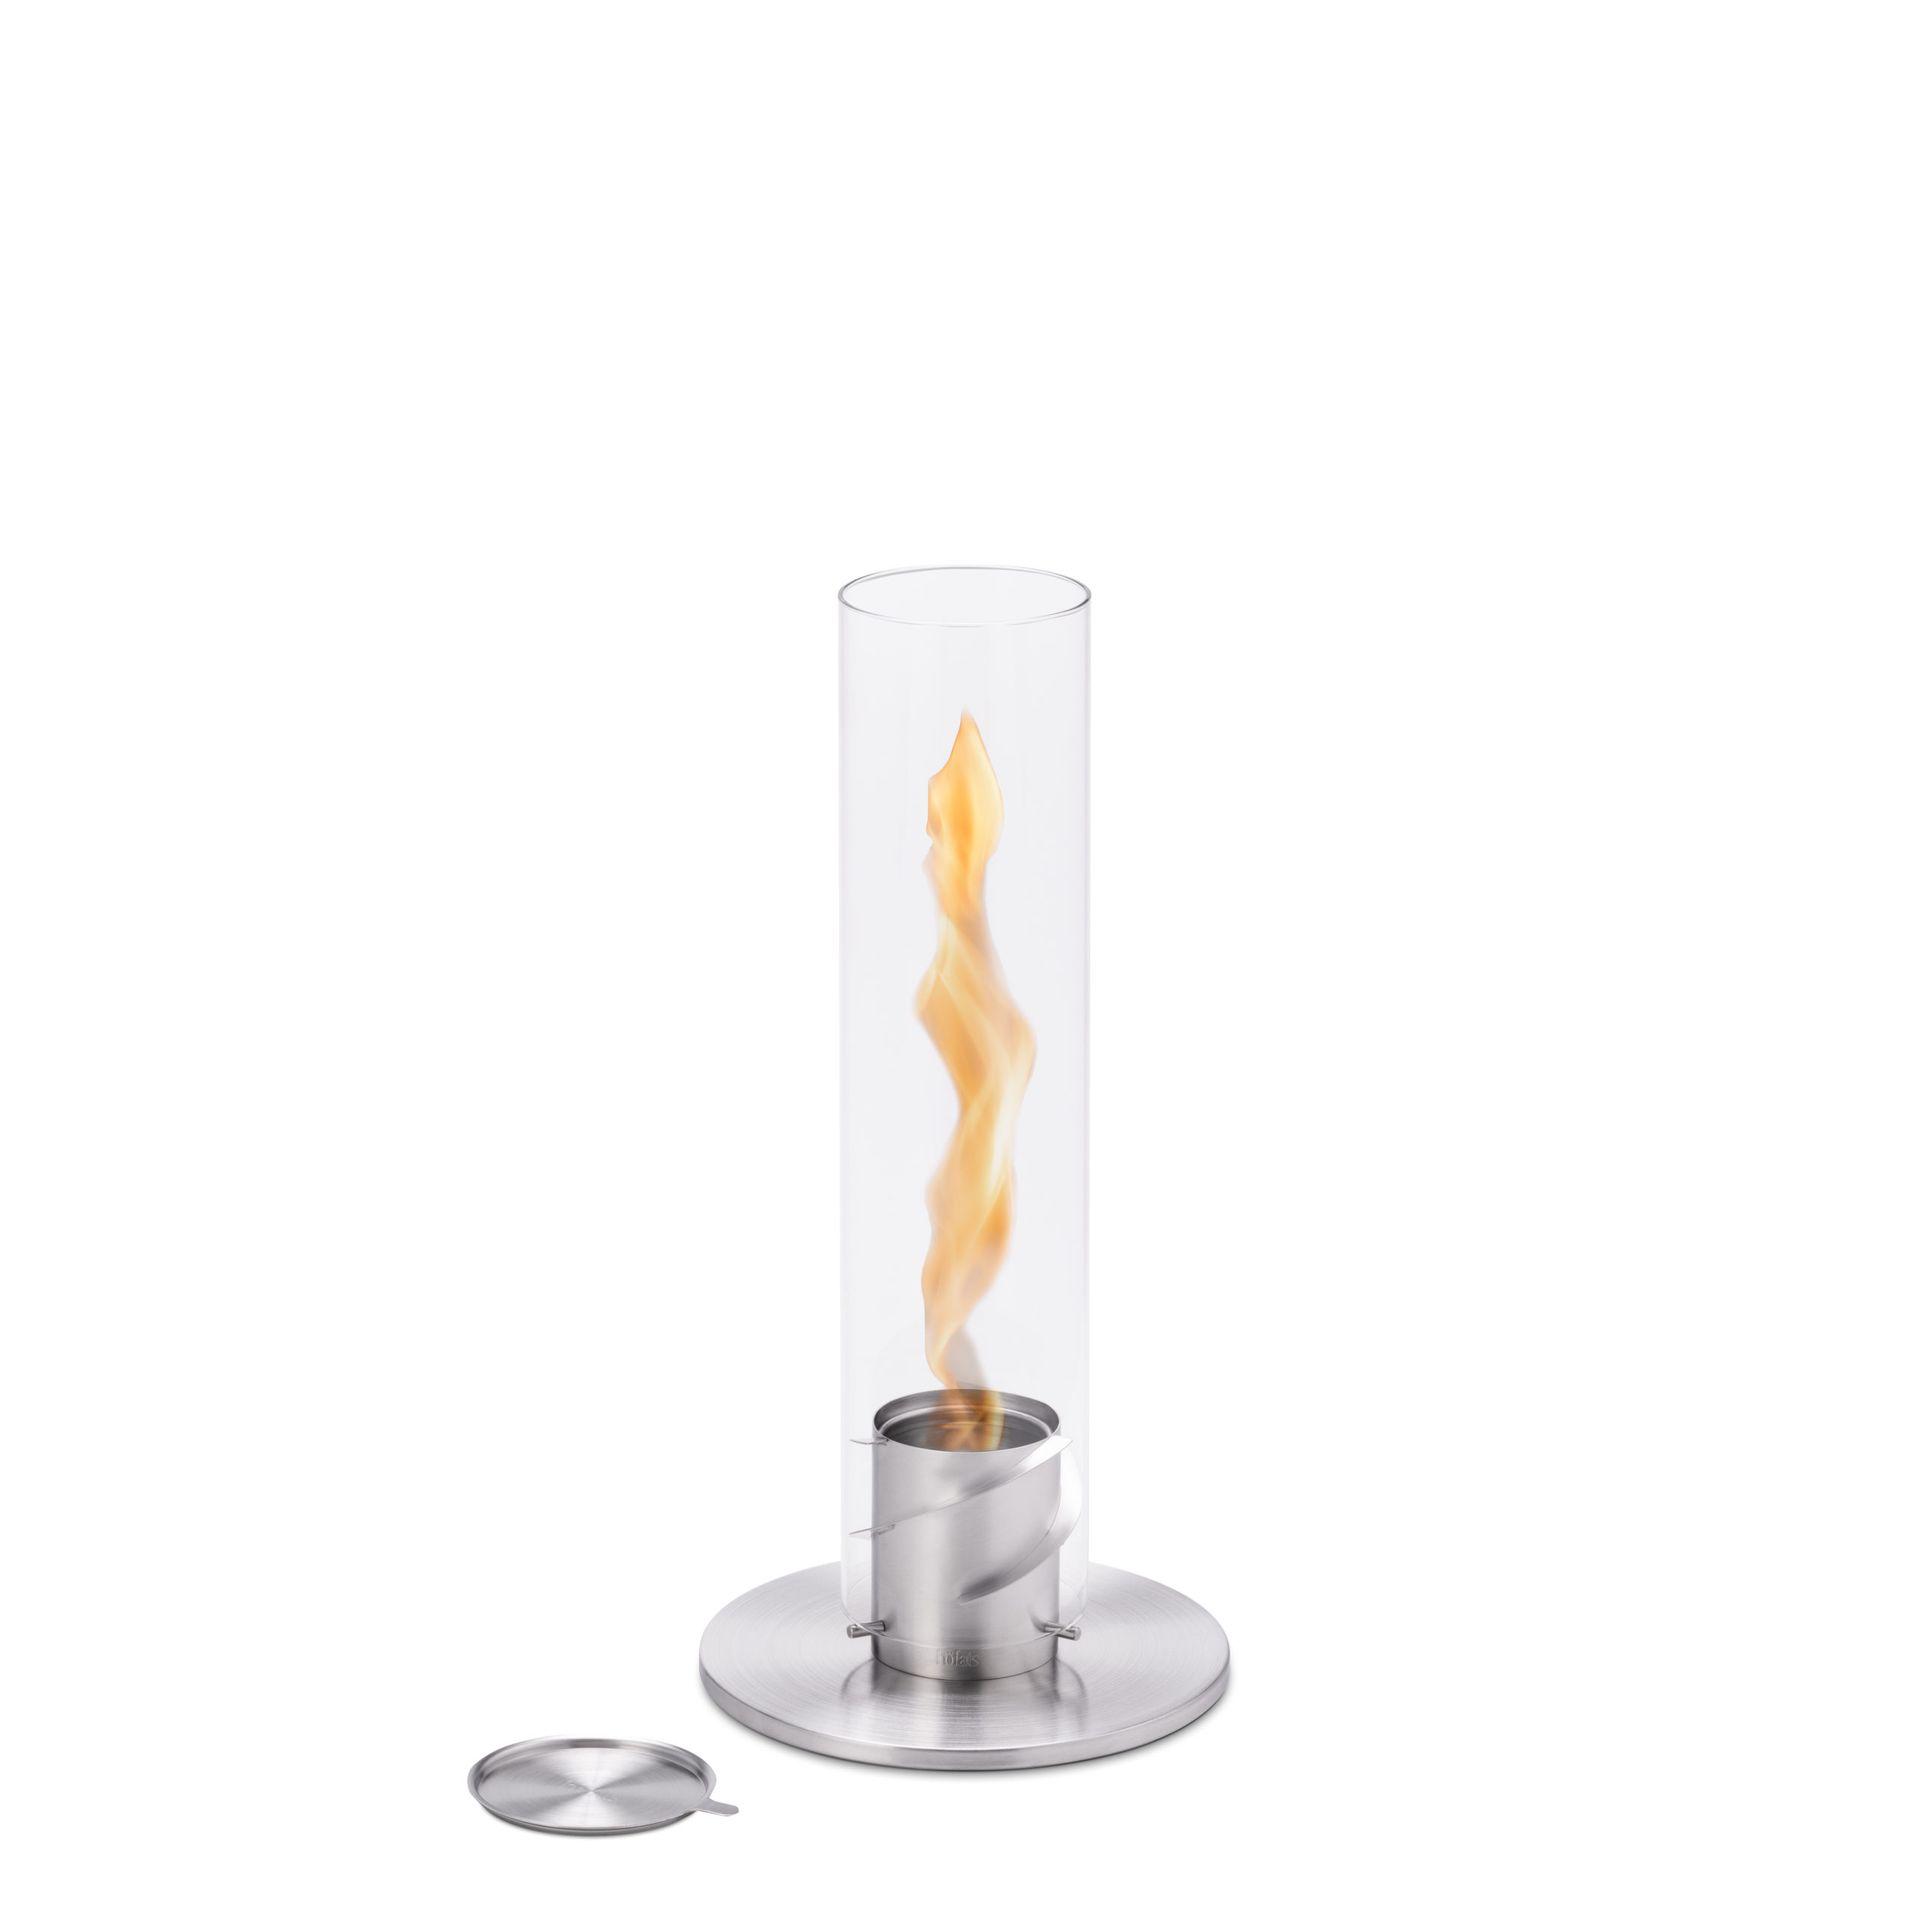 Höfats Spin 90 Tischfeuer Silver